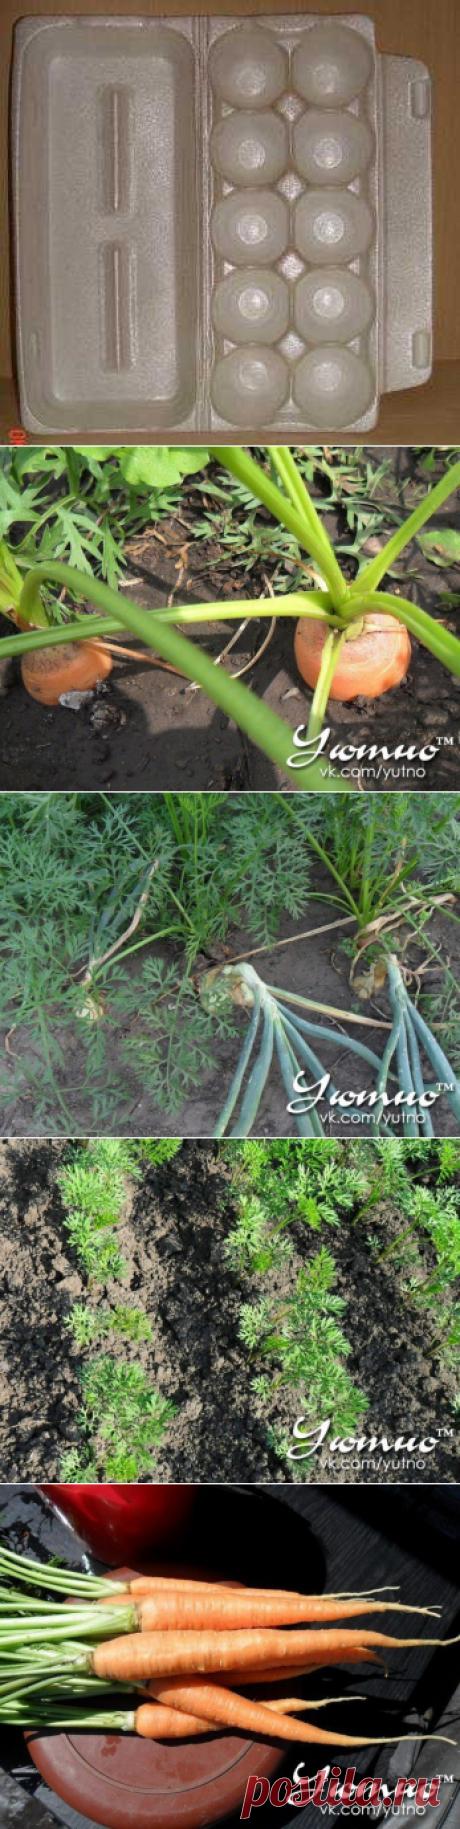 Как получить хороший урожай моркови  Способ посадки в размеченные лунки используется, в основном, для дражированных семян. Выровненная и подготовленная грядка размечается с помощью специального приспособления – чаще всего это упаковка для яиц с ячейками.